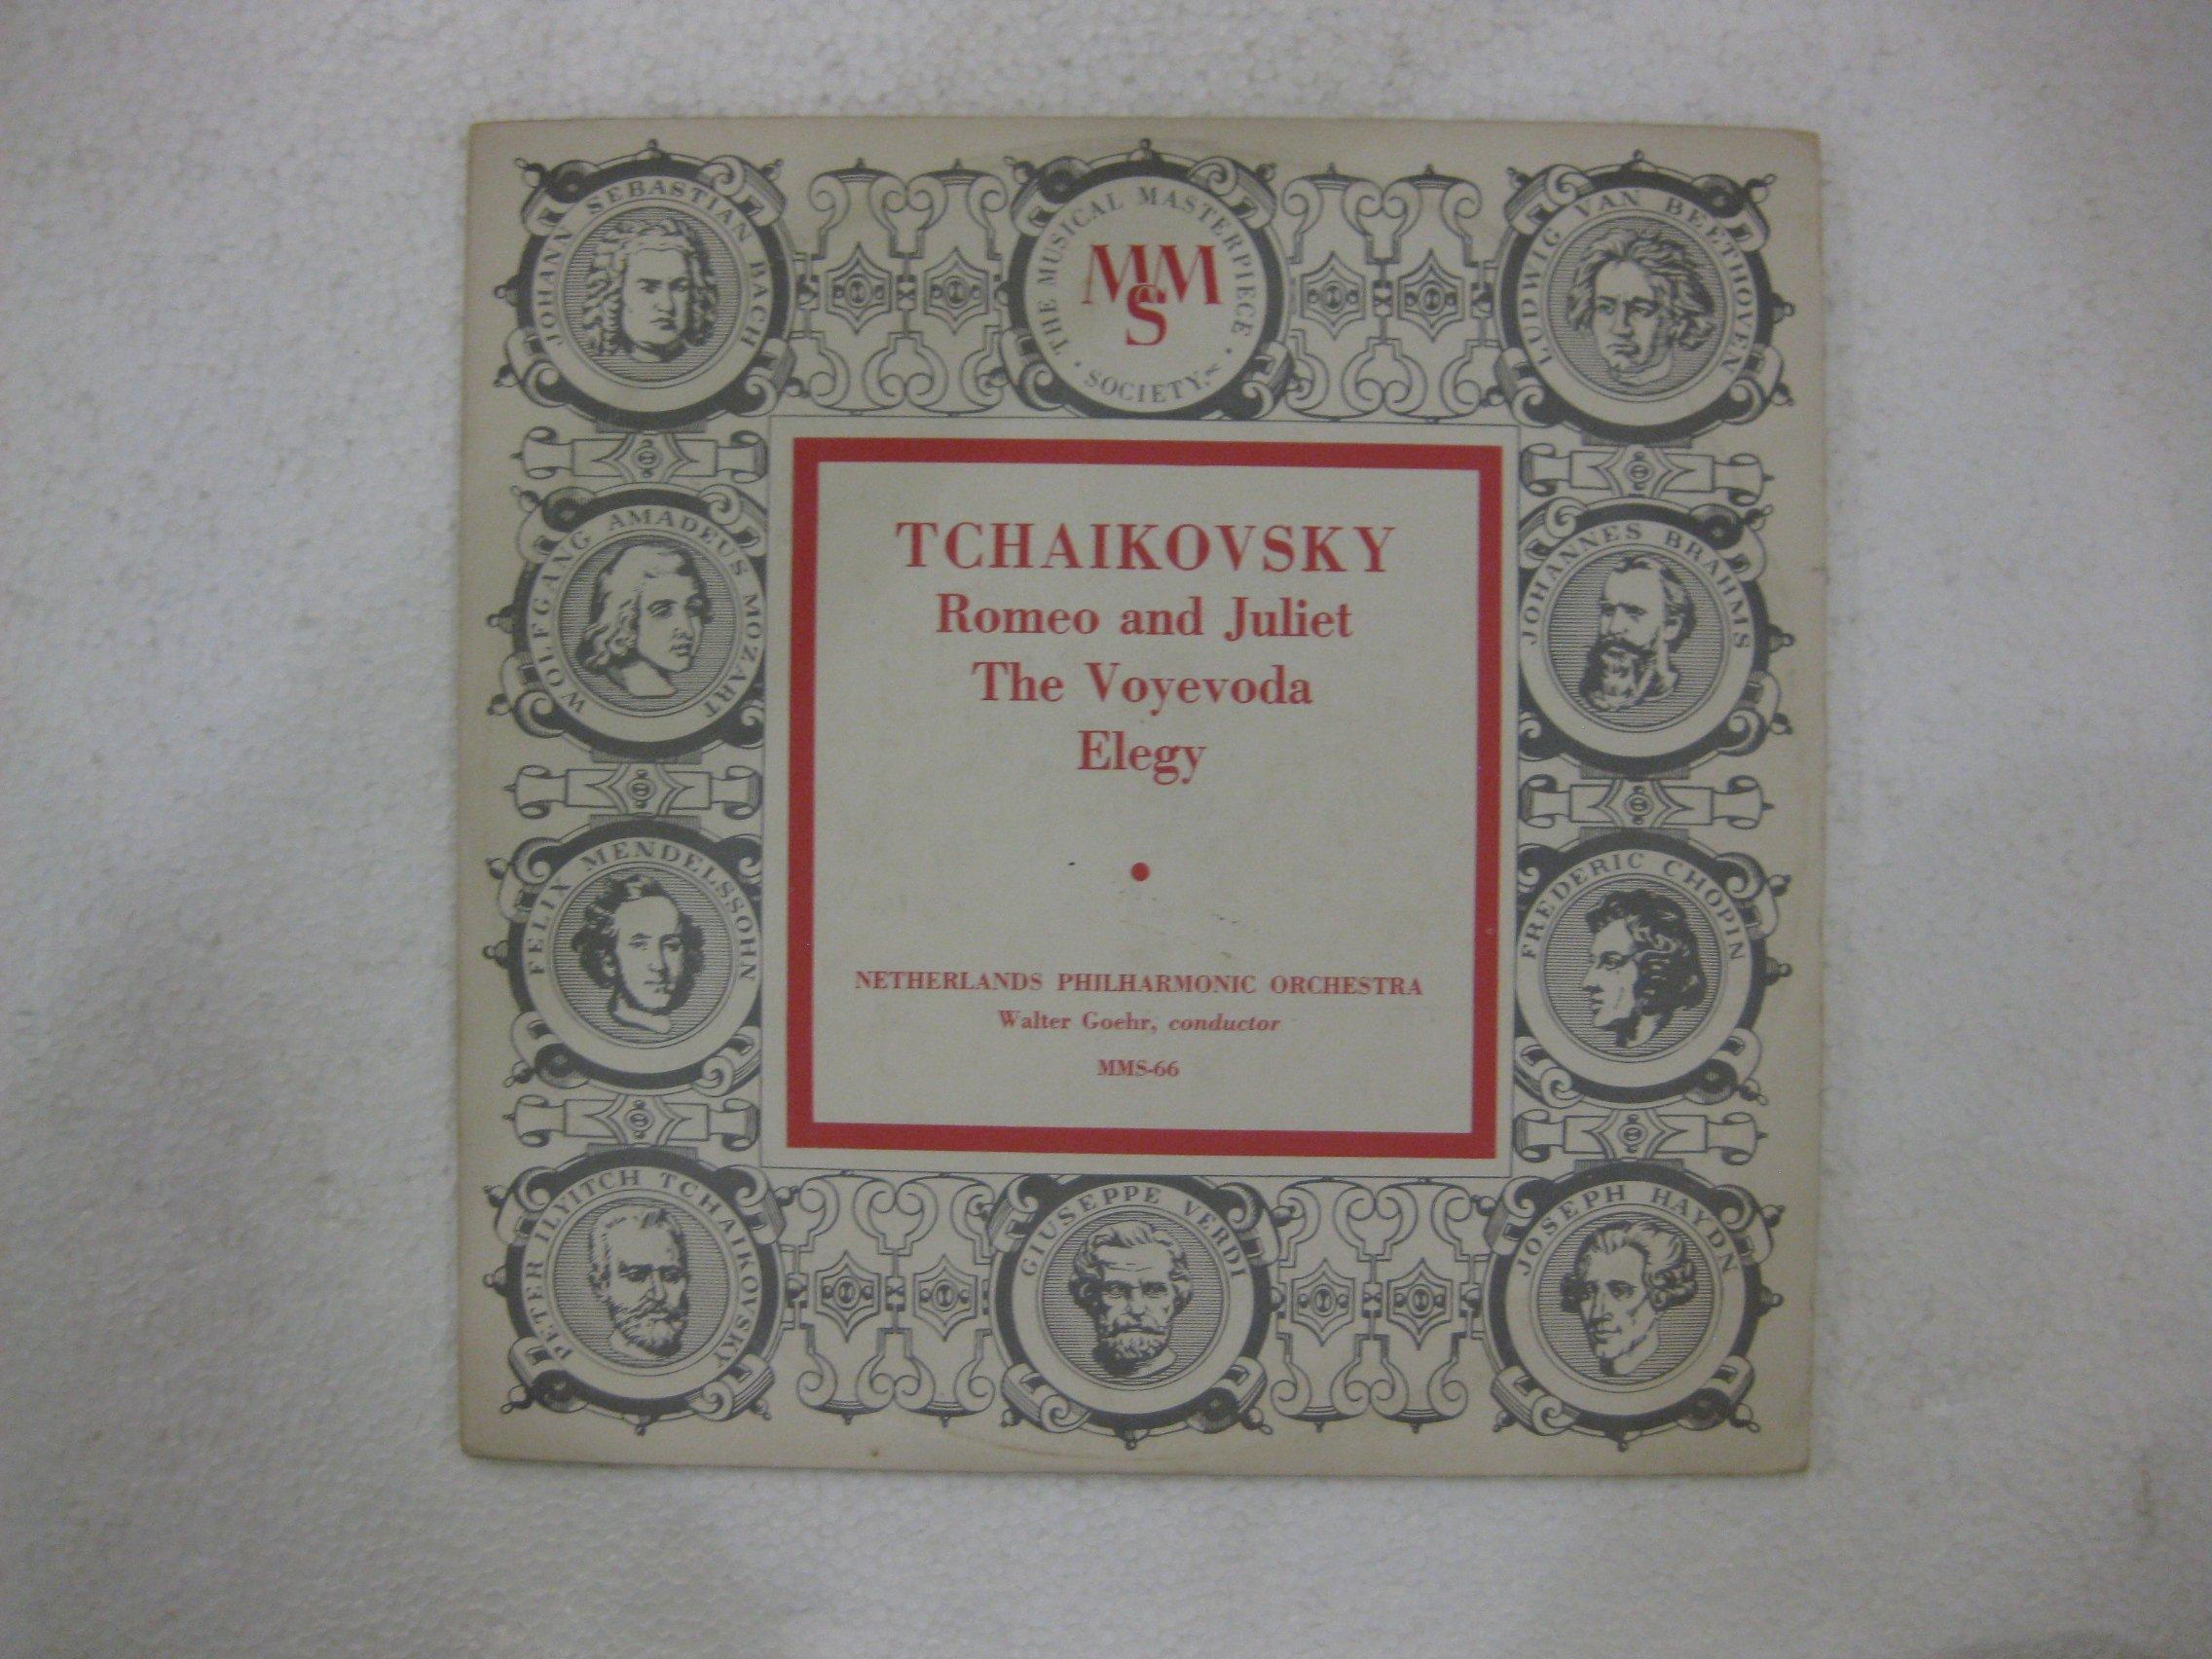 Tchaikovsky Romeo And Juliet The Voyevoda Elegy 10 Inch Vinyl